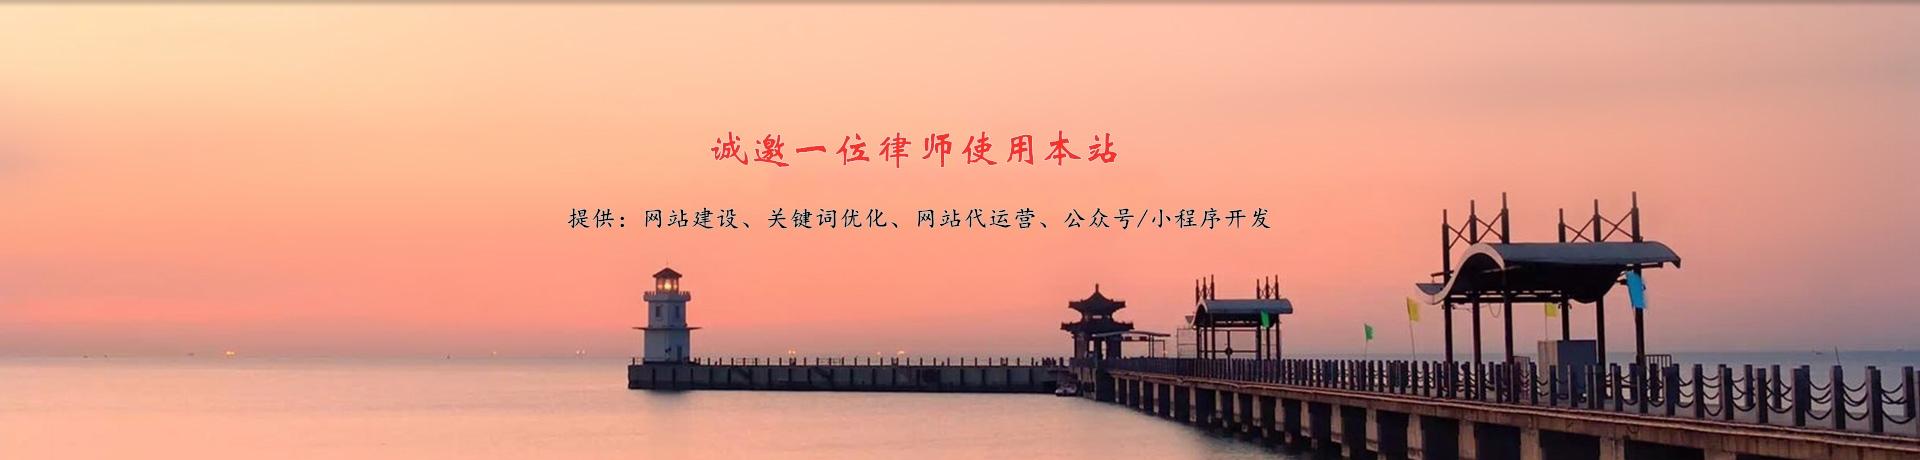 深圳诈骗律师大图一